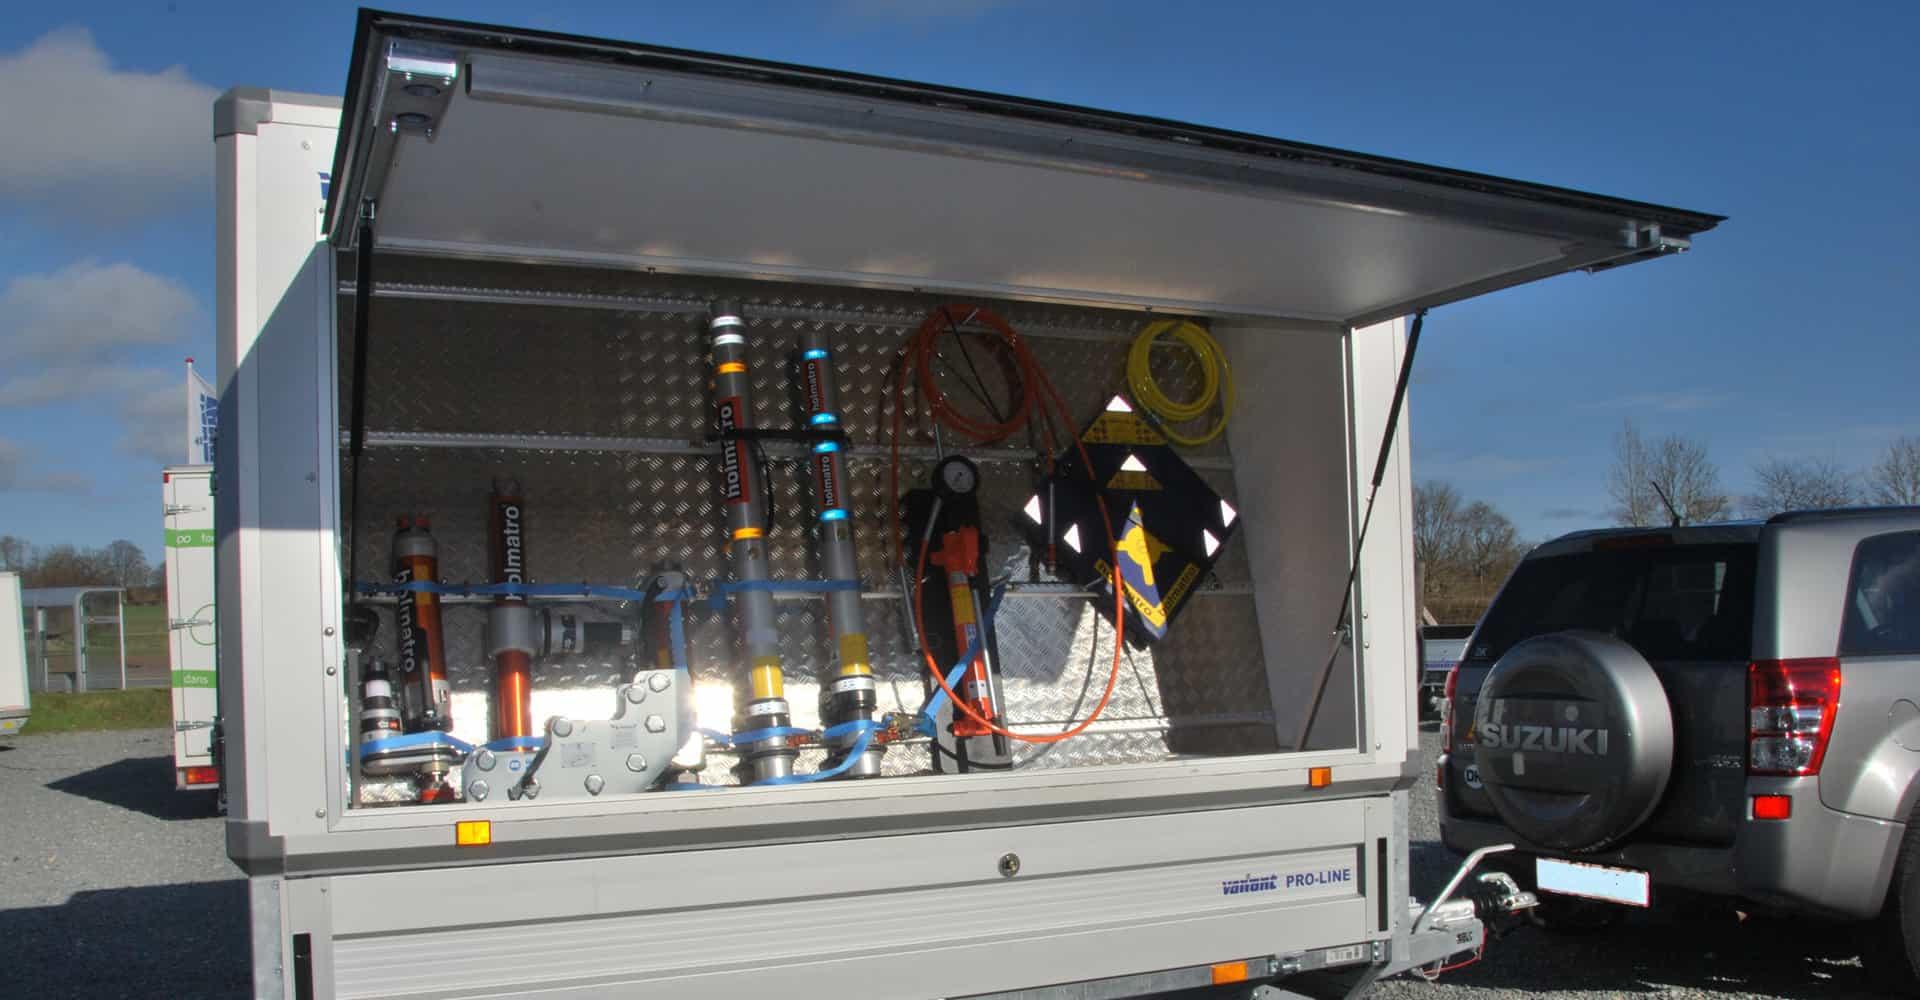 Alsbilindretning med klapbar side med udstyr